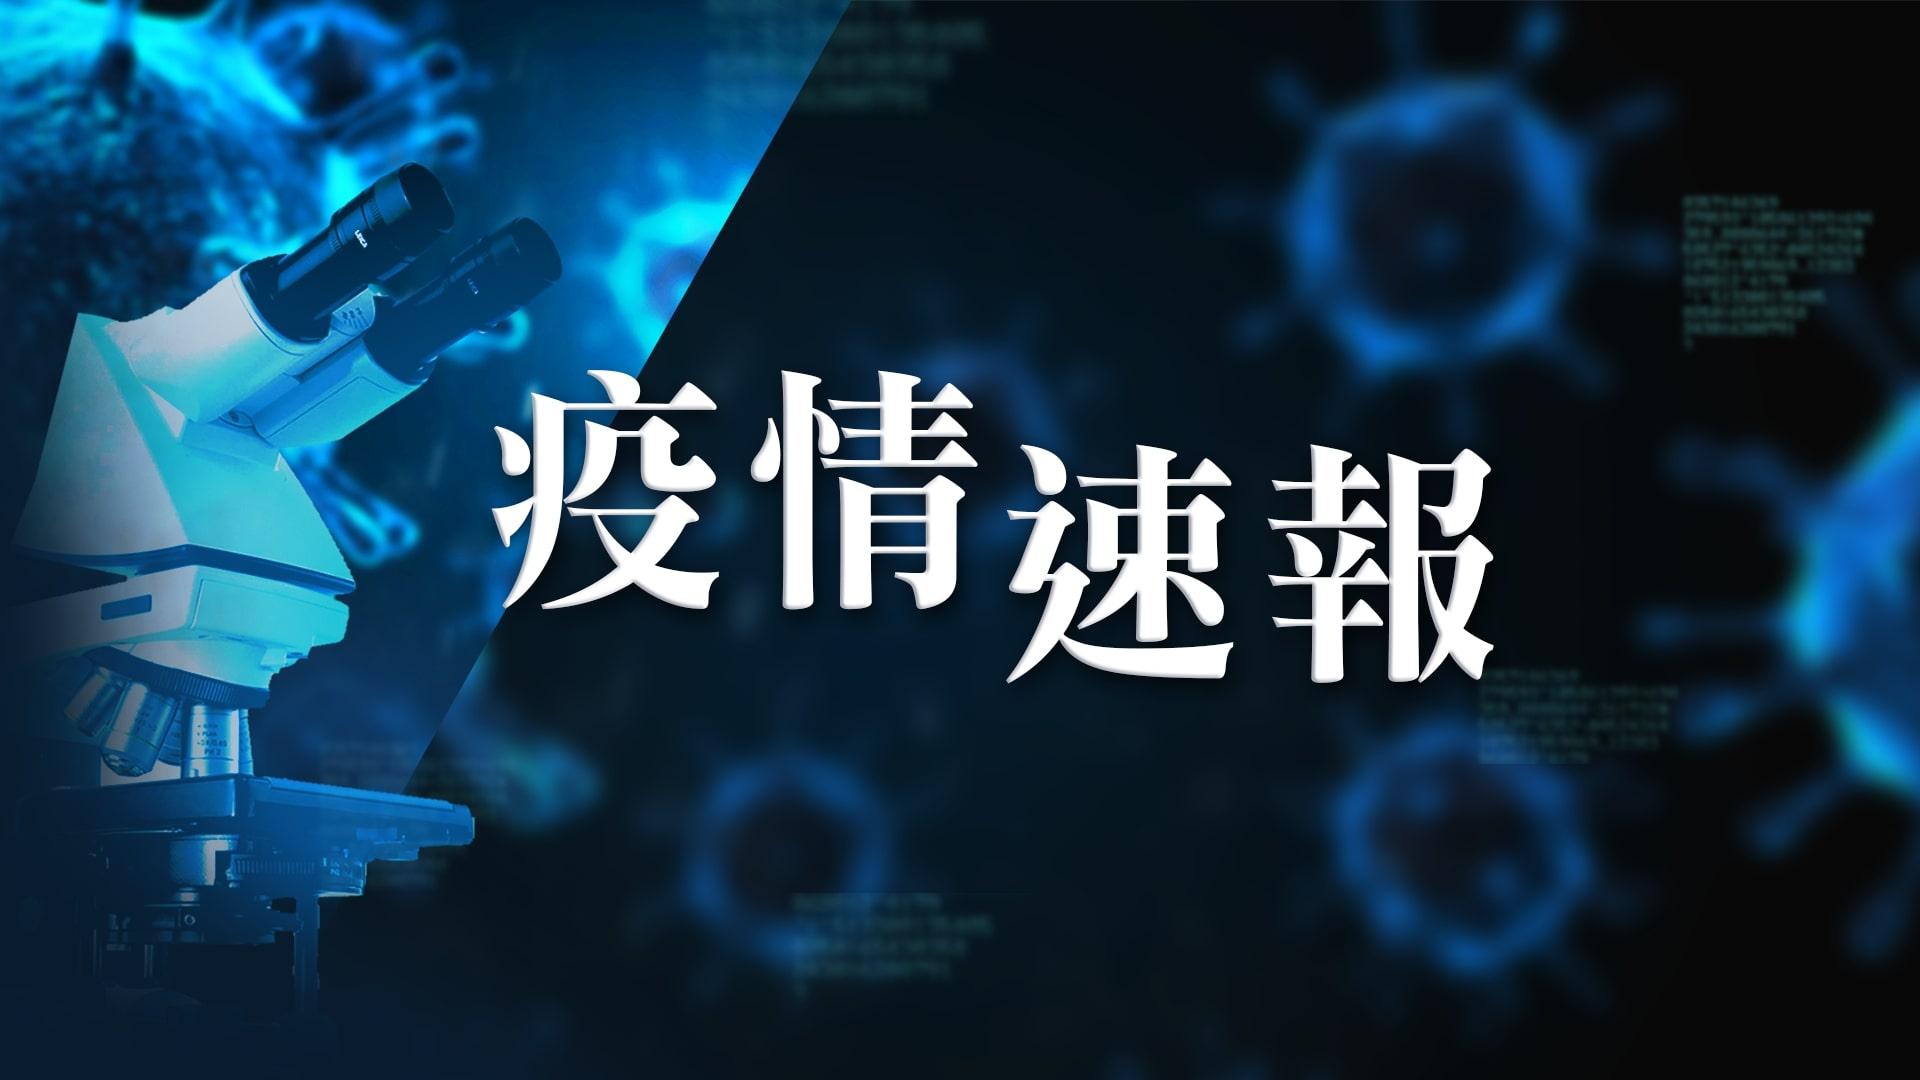 【2月7日疫情速報】 (23:55)